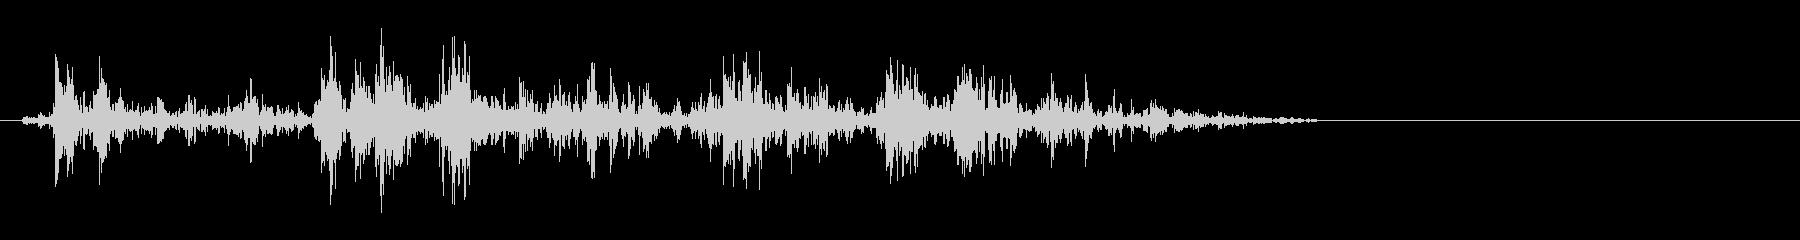 動かす音(トロッコ、滑車、歯車など)の未再生の波形